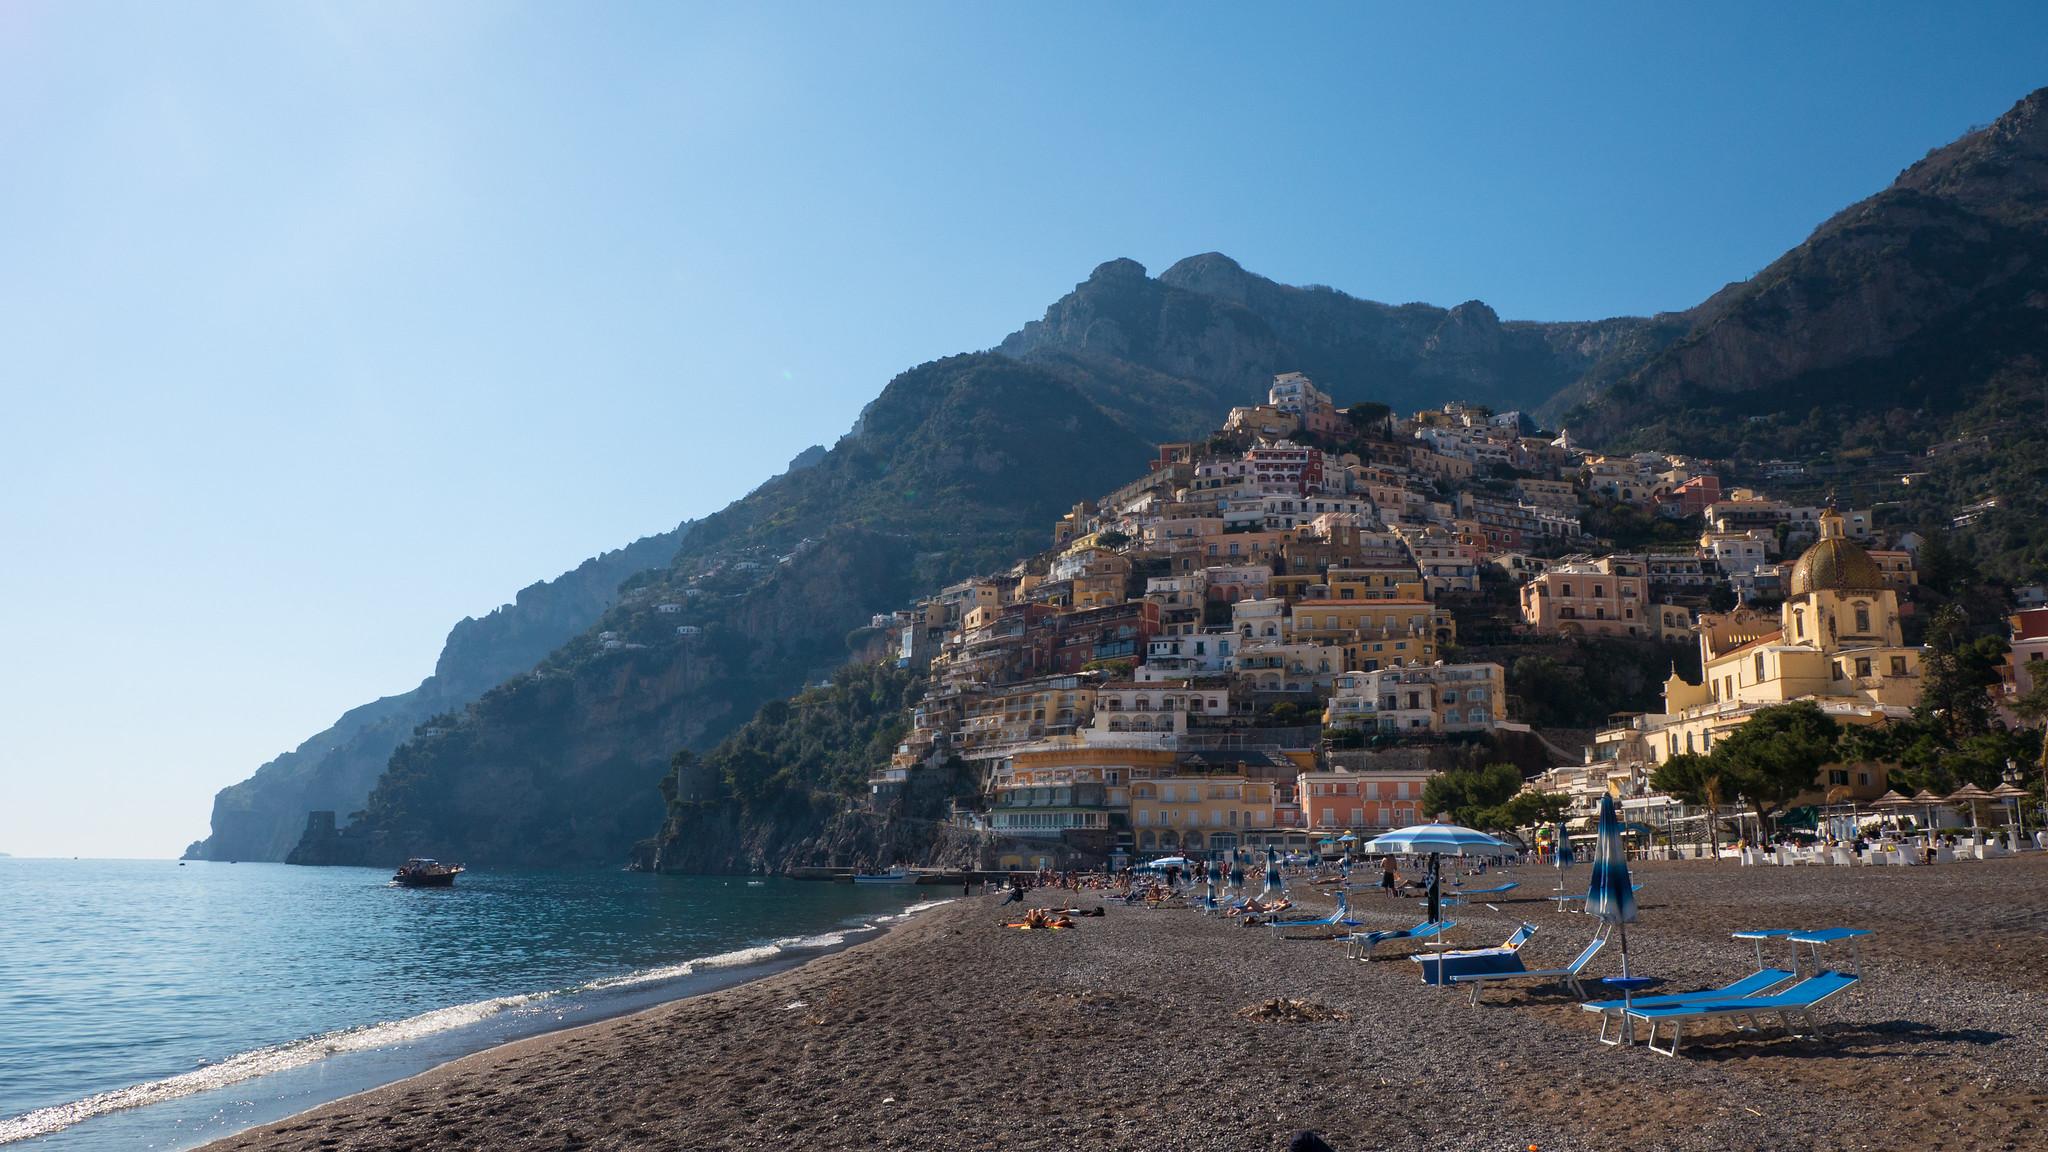 Positano (15 of 17)